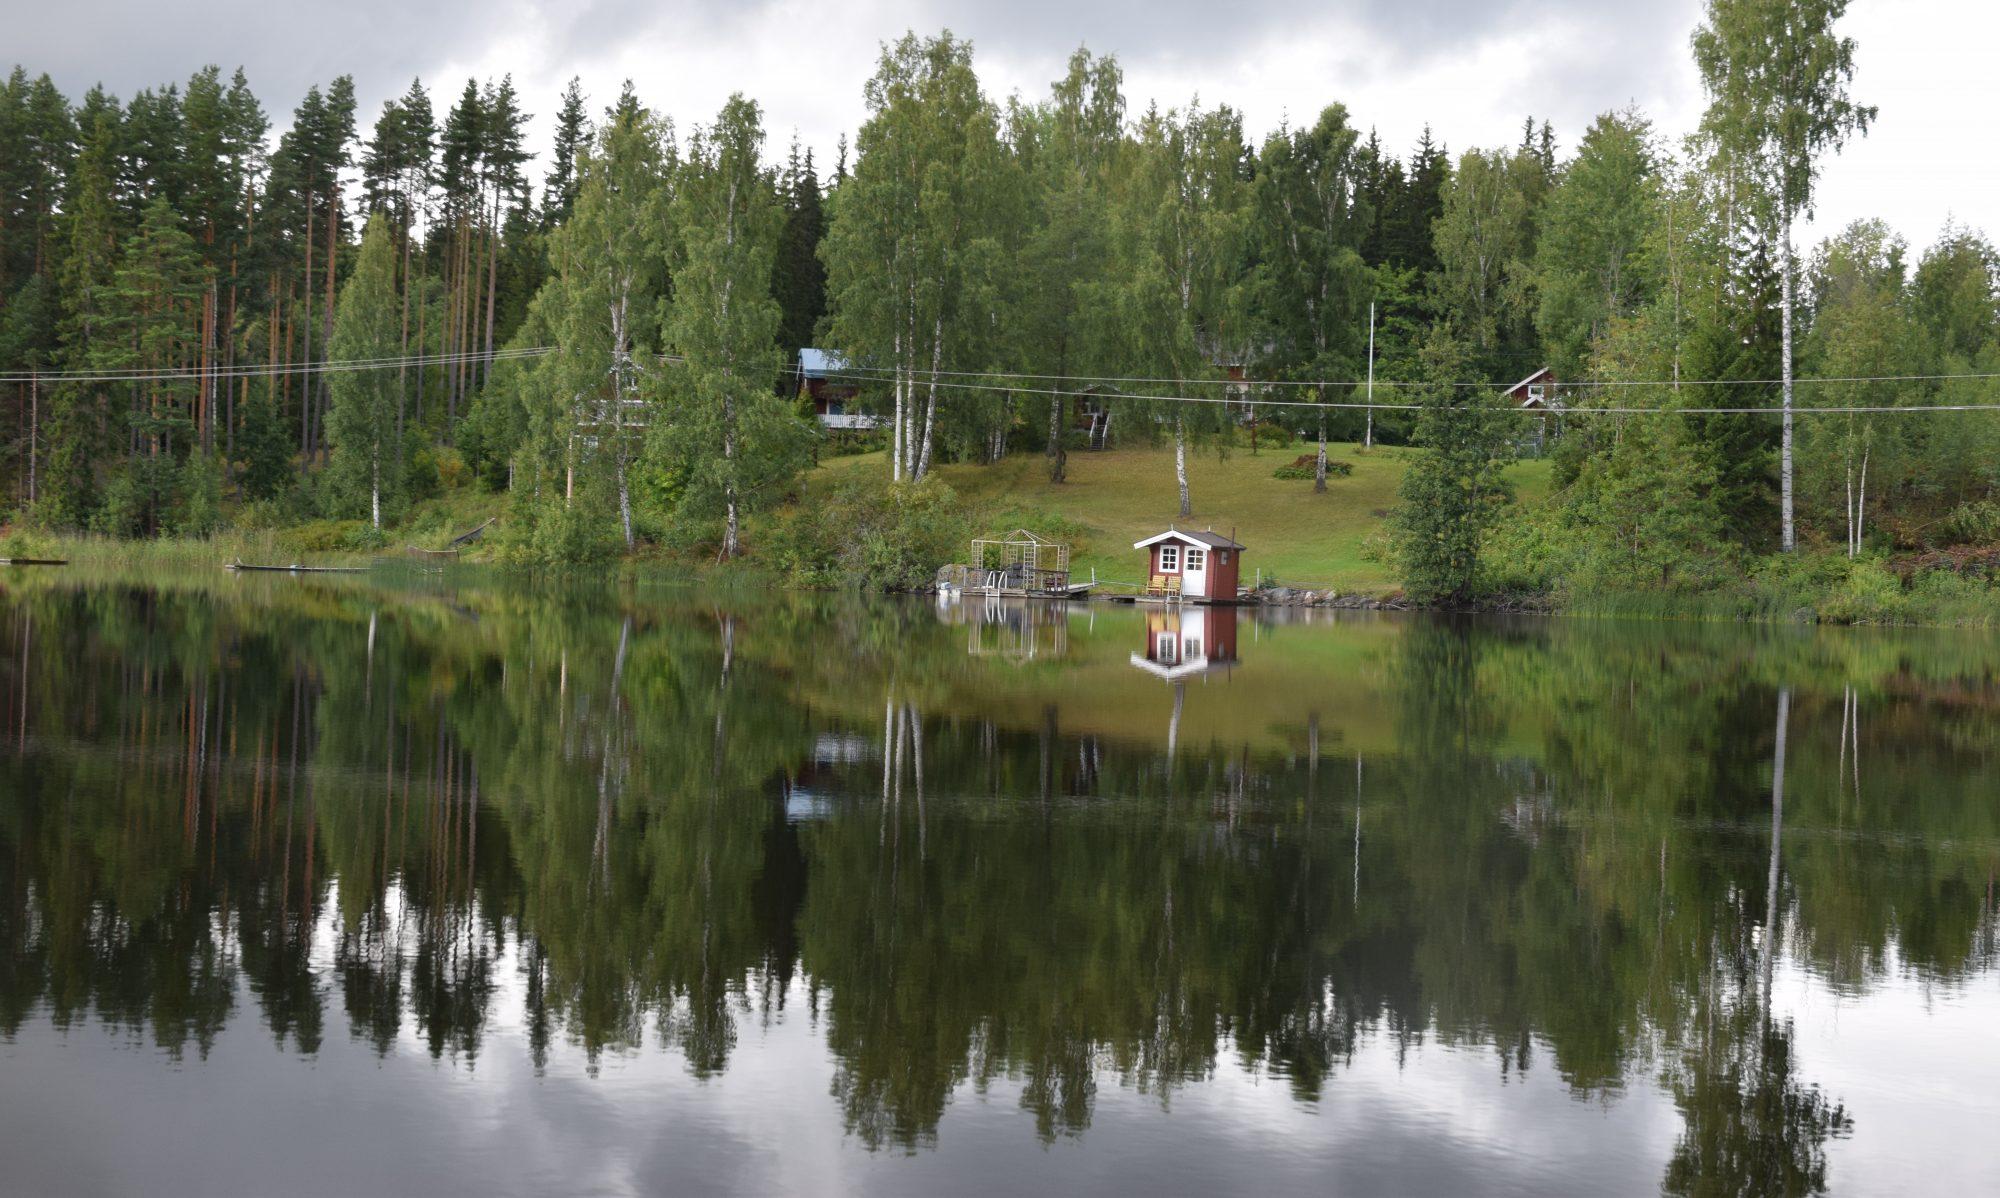 Svensk förening för obesitasforskning